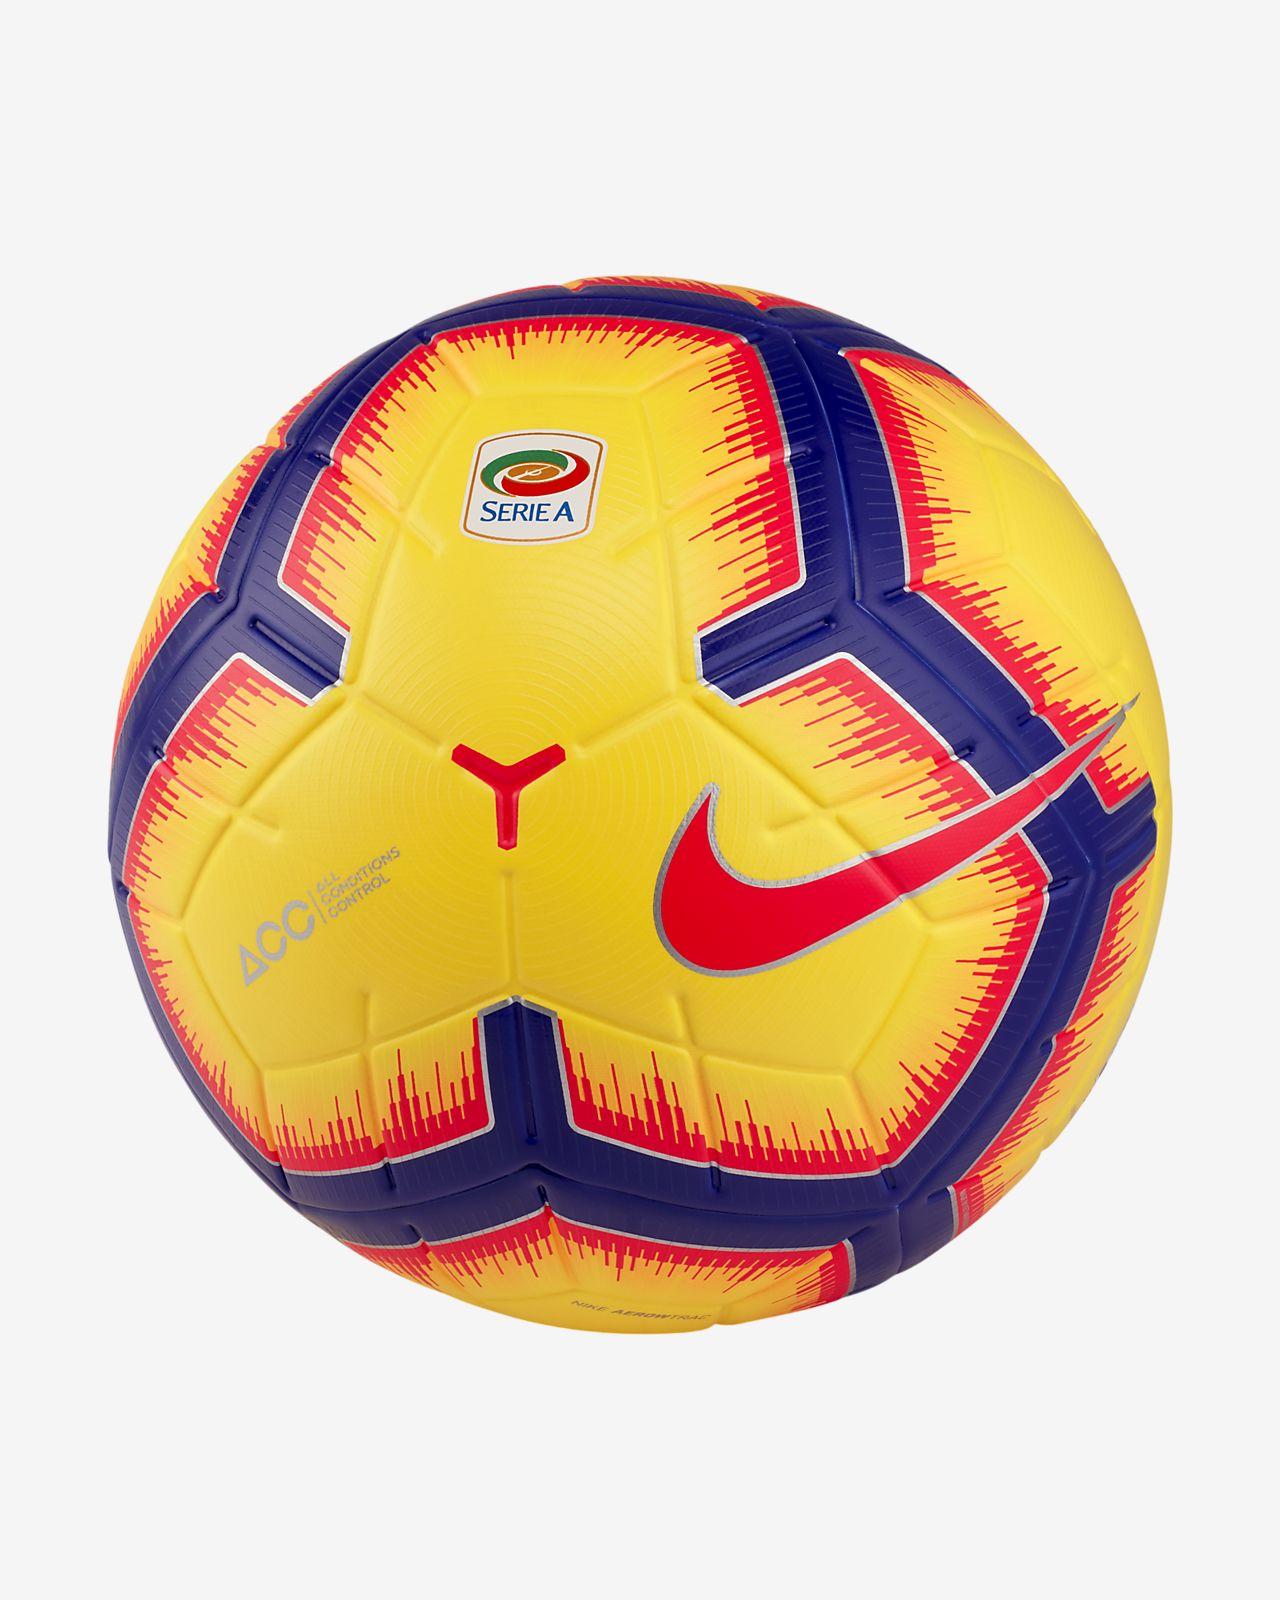 Balón de fútbol Serie A Merlin